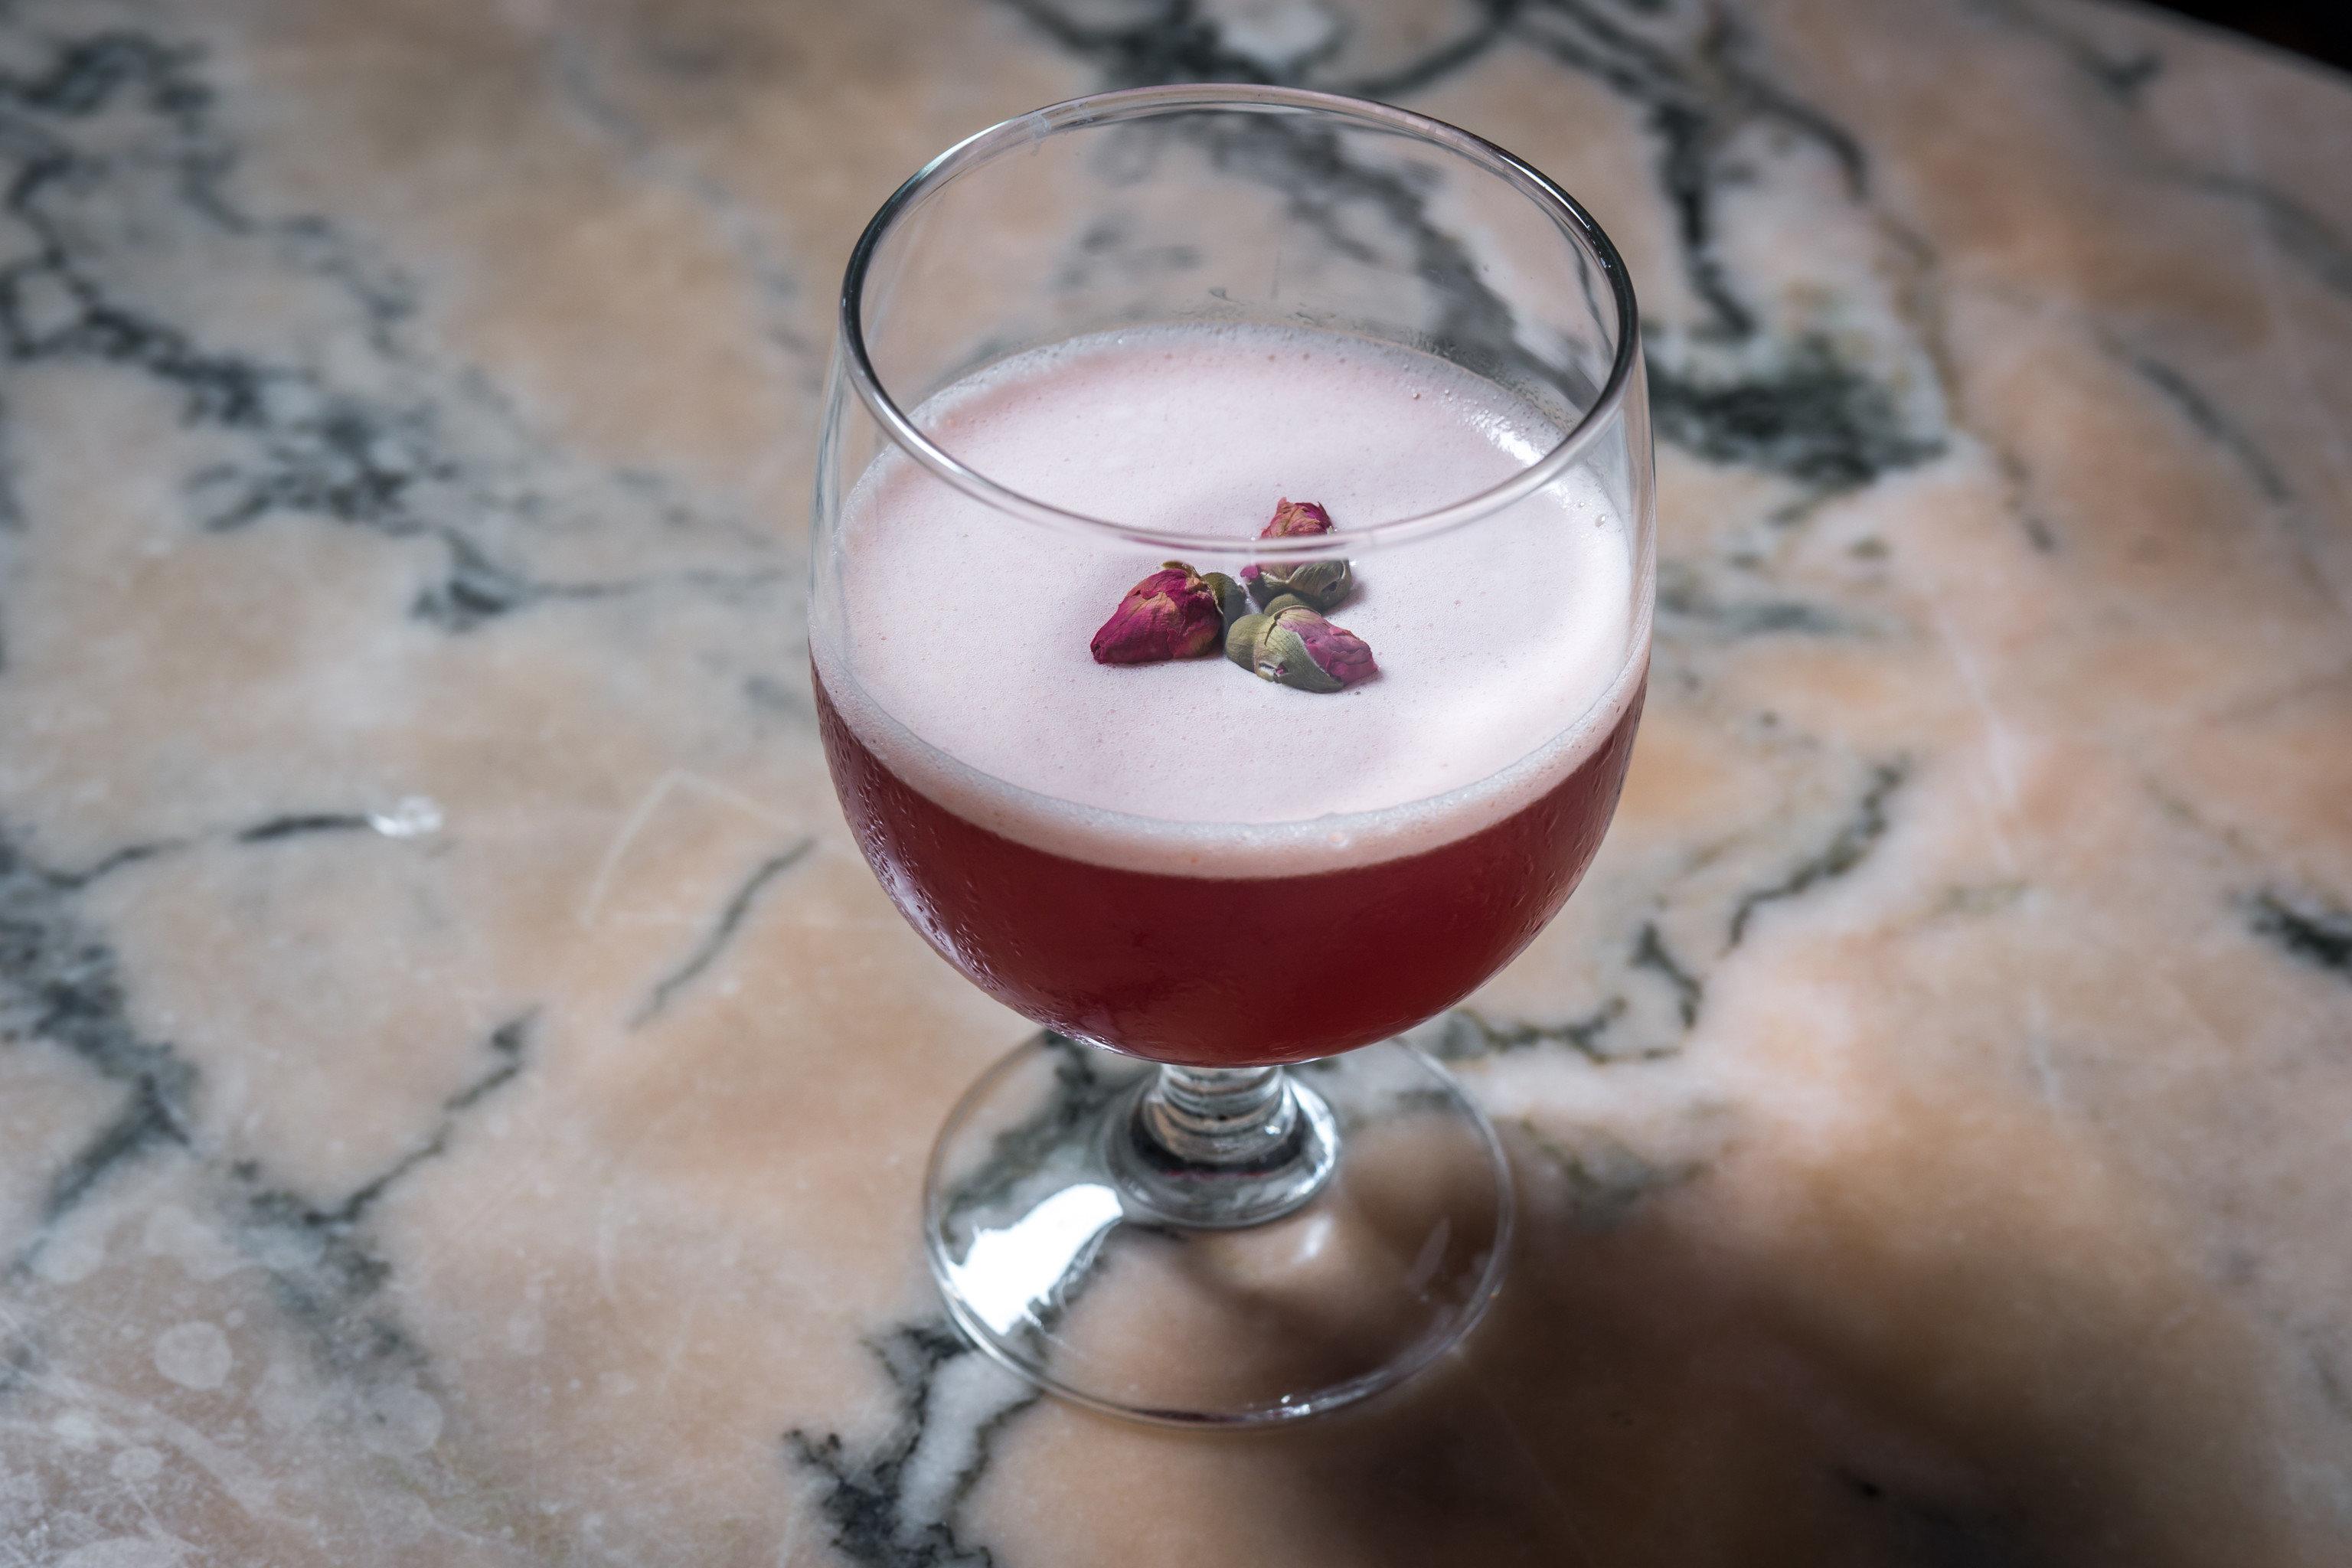 Food + Drink Romance food Drink produce dessert distilled beverage cocktail fruit flavor glass